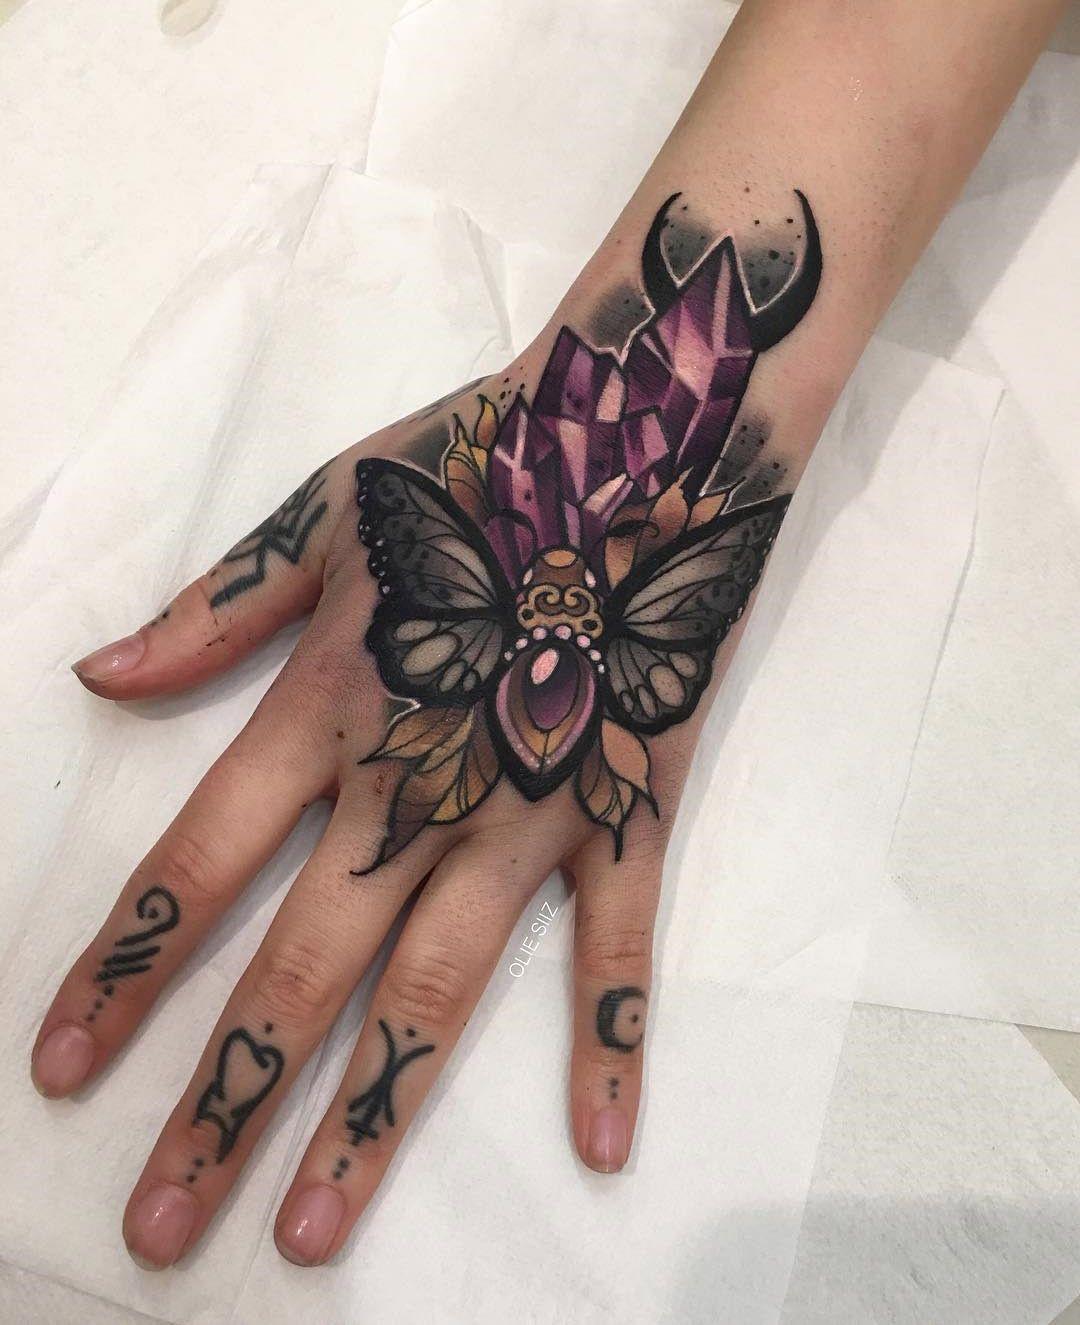 Hand tattoos tattoo ideas hands body art tattoo s floral tattoo - Moth Crystals Girls Hand Tattoo Best Tattoo Ideas Designs